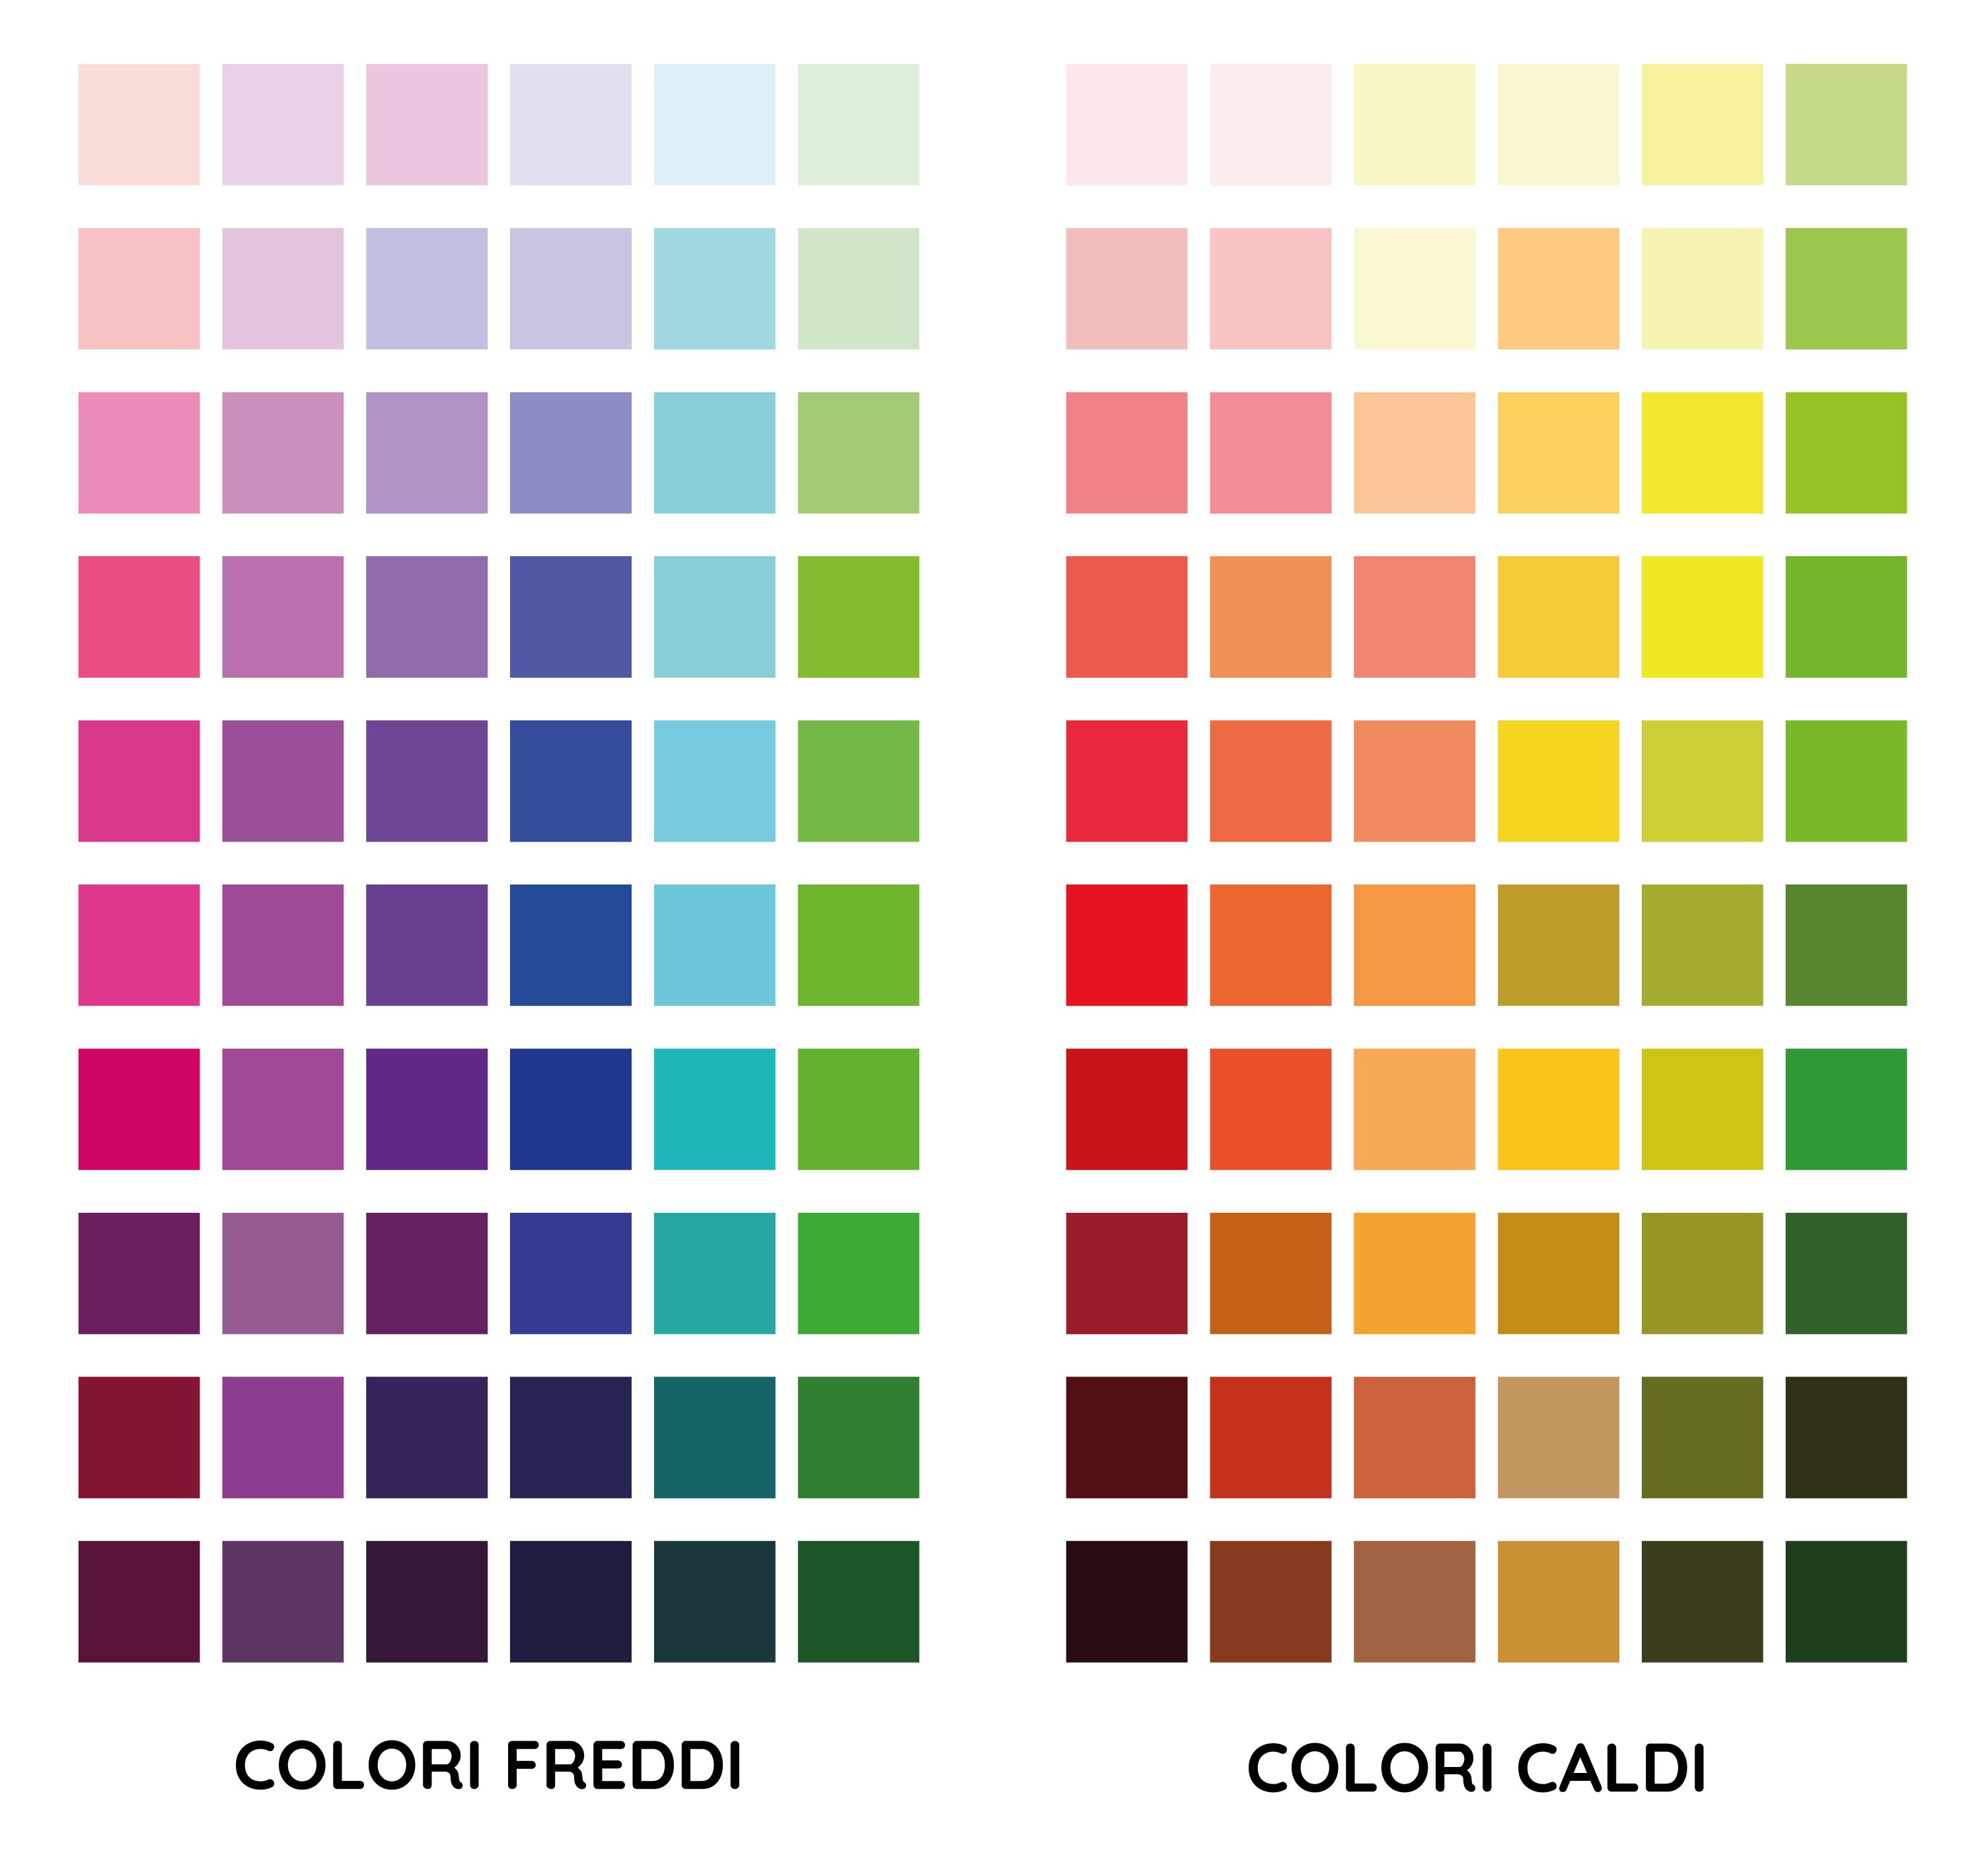 Colori Da Abbinare Al Rosa analisi dei colori - le springnets